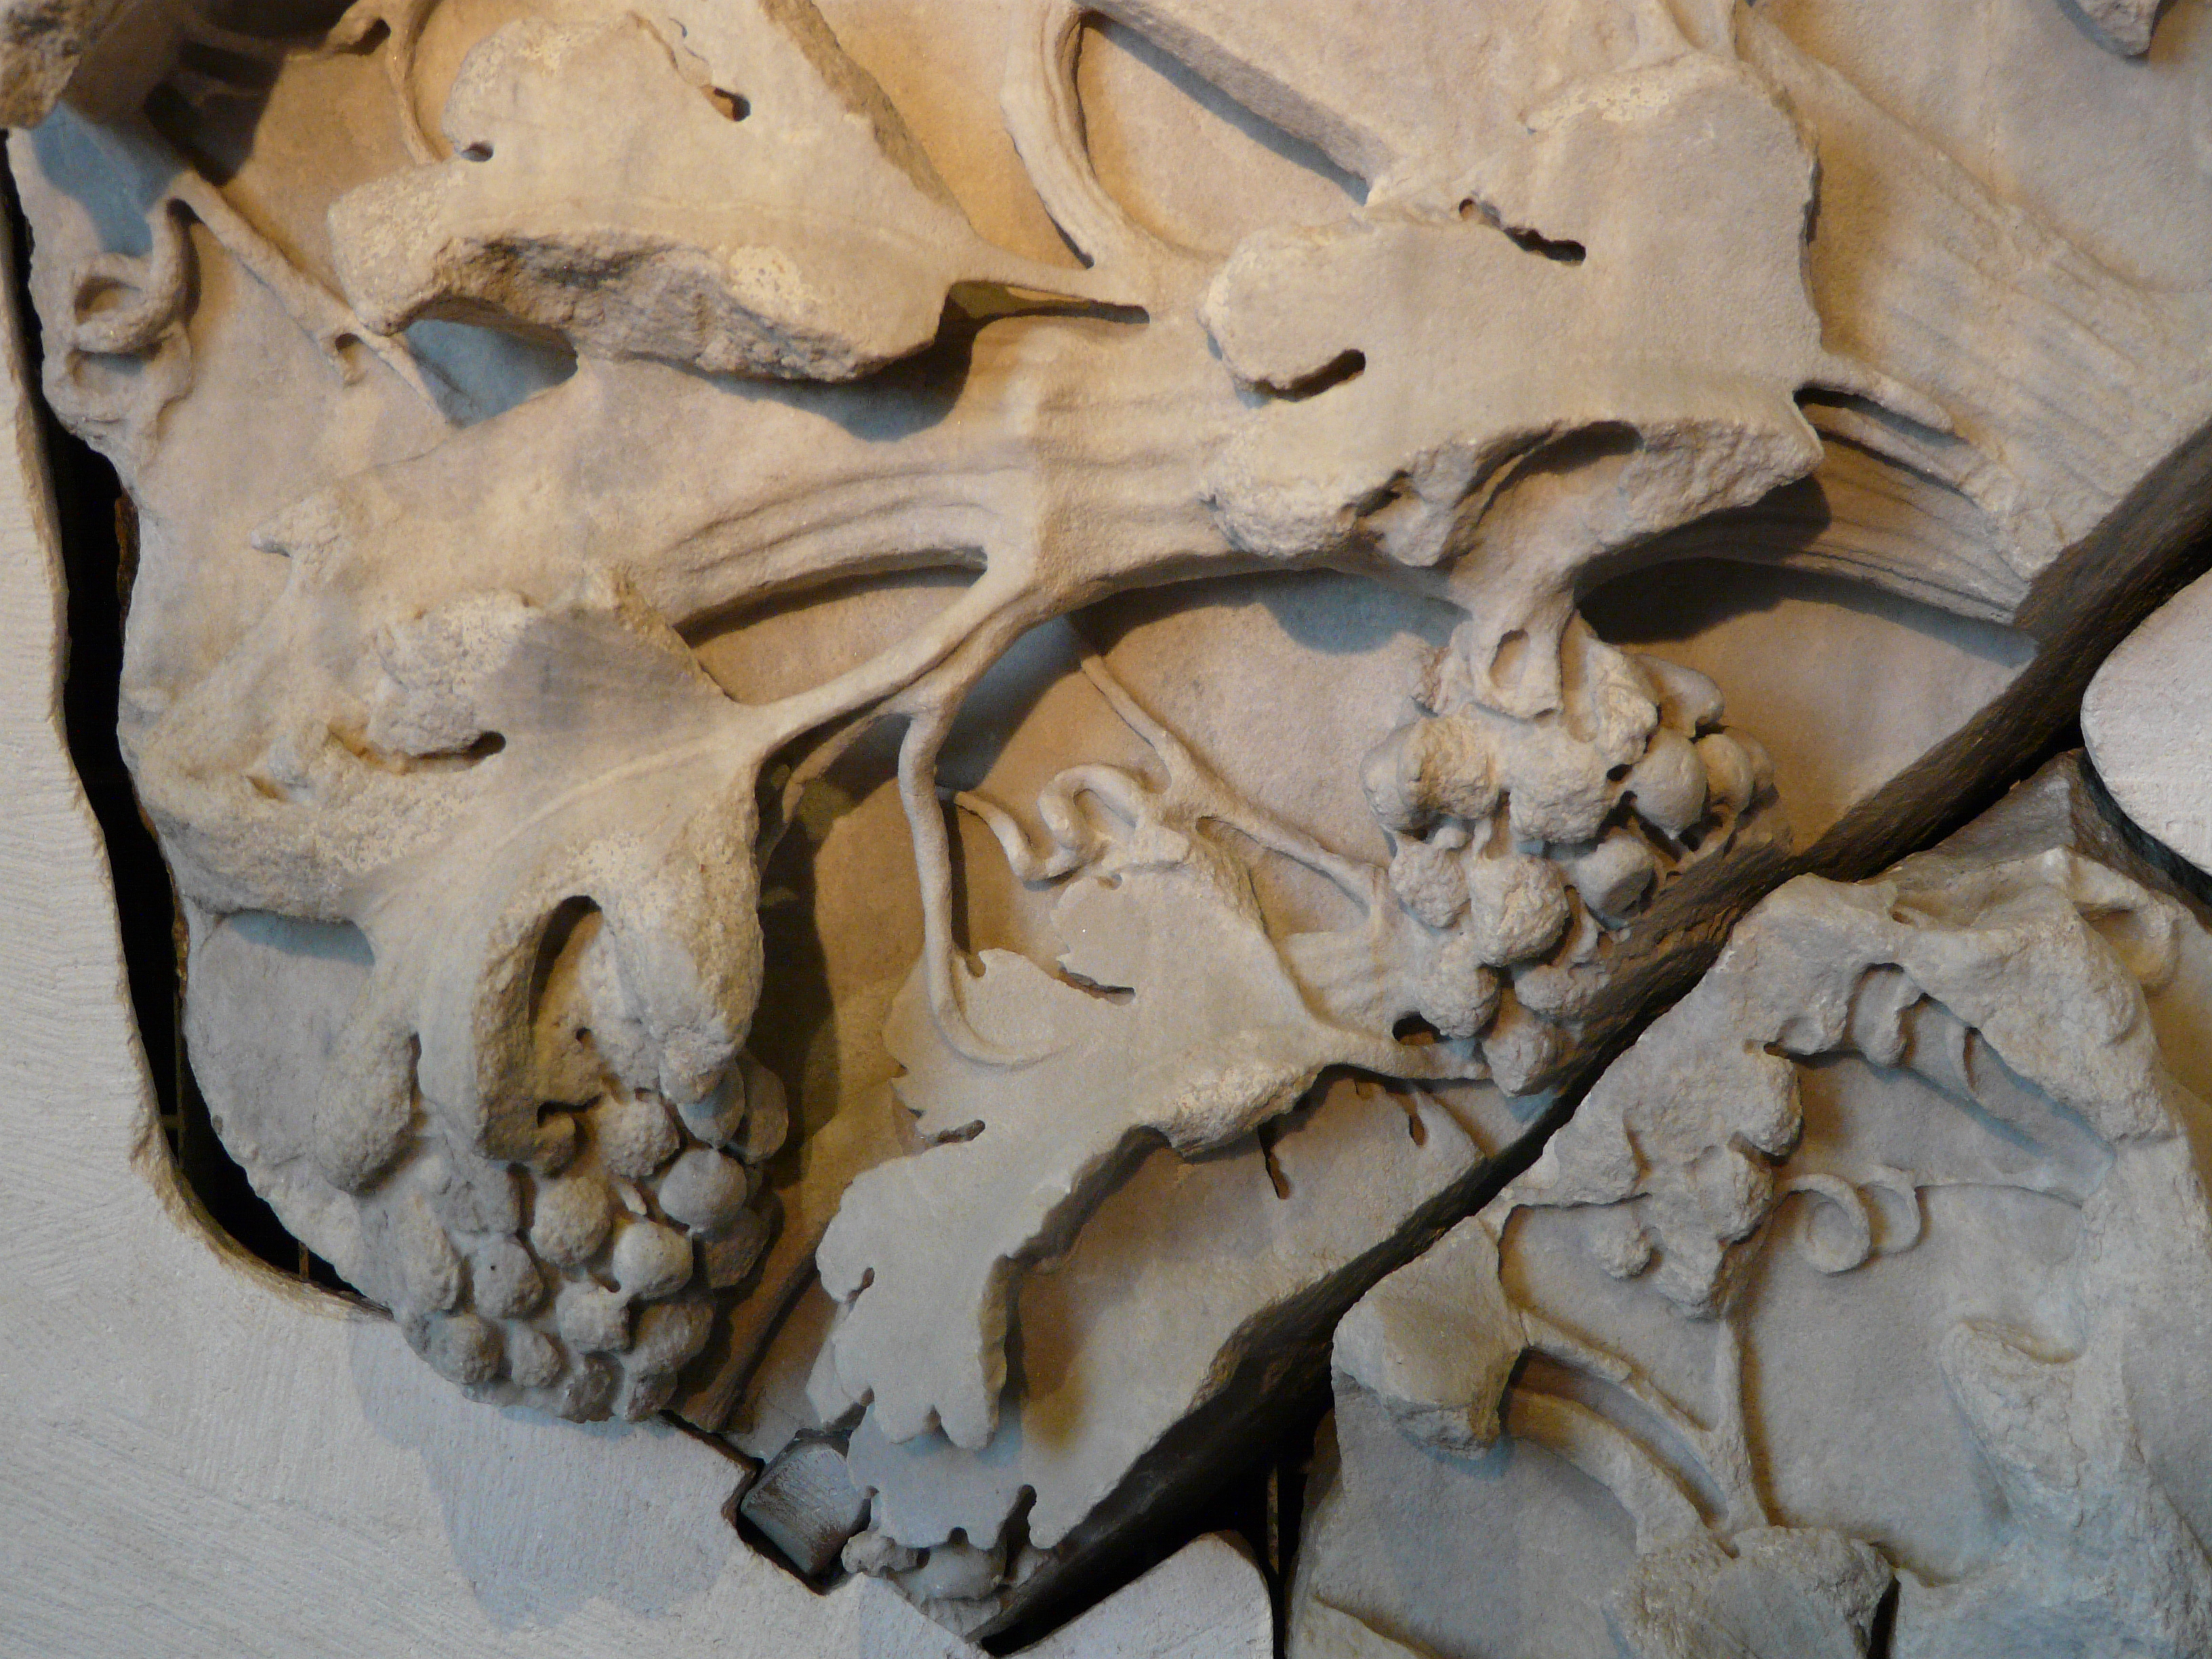 © Dipartimento di Scienze della Vita, Università di Trieste<br>by Andrea Moro<br>Roma, Museo dei Mercati di Traiano, fusto di lesena decorato con tralci di vite, Tempio di Venere Genitrice, 113 d.C., RO, Lazio, Italia, 18/07/2011<br>Distributed under CC-BY-SA 4.0 license.